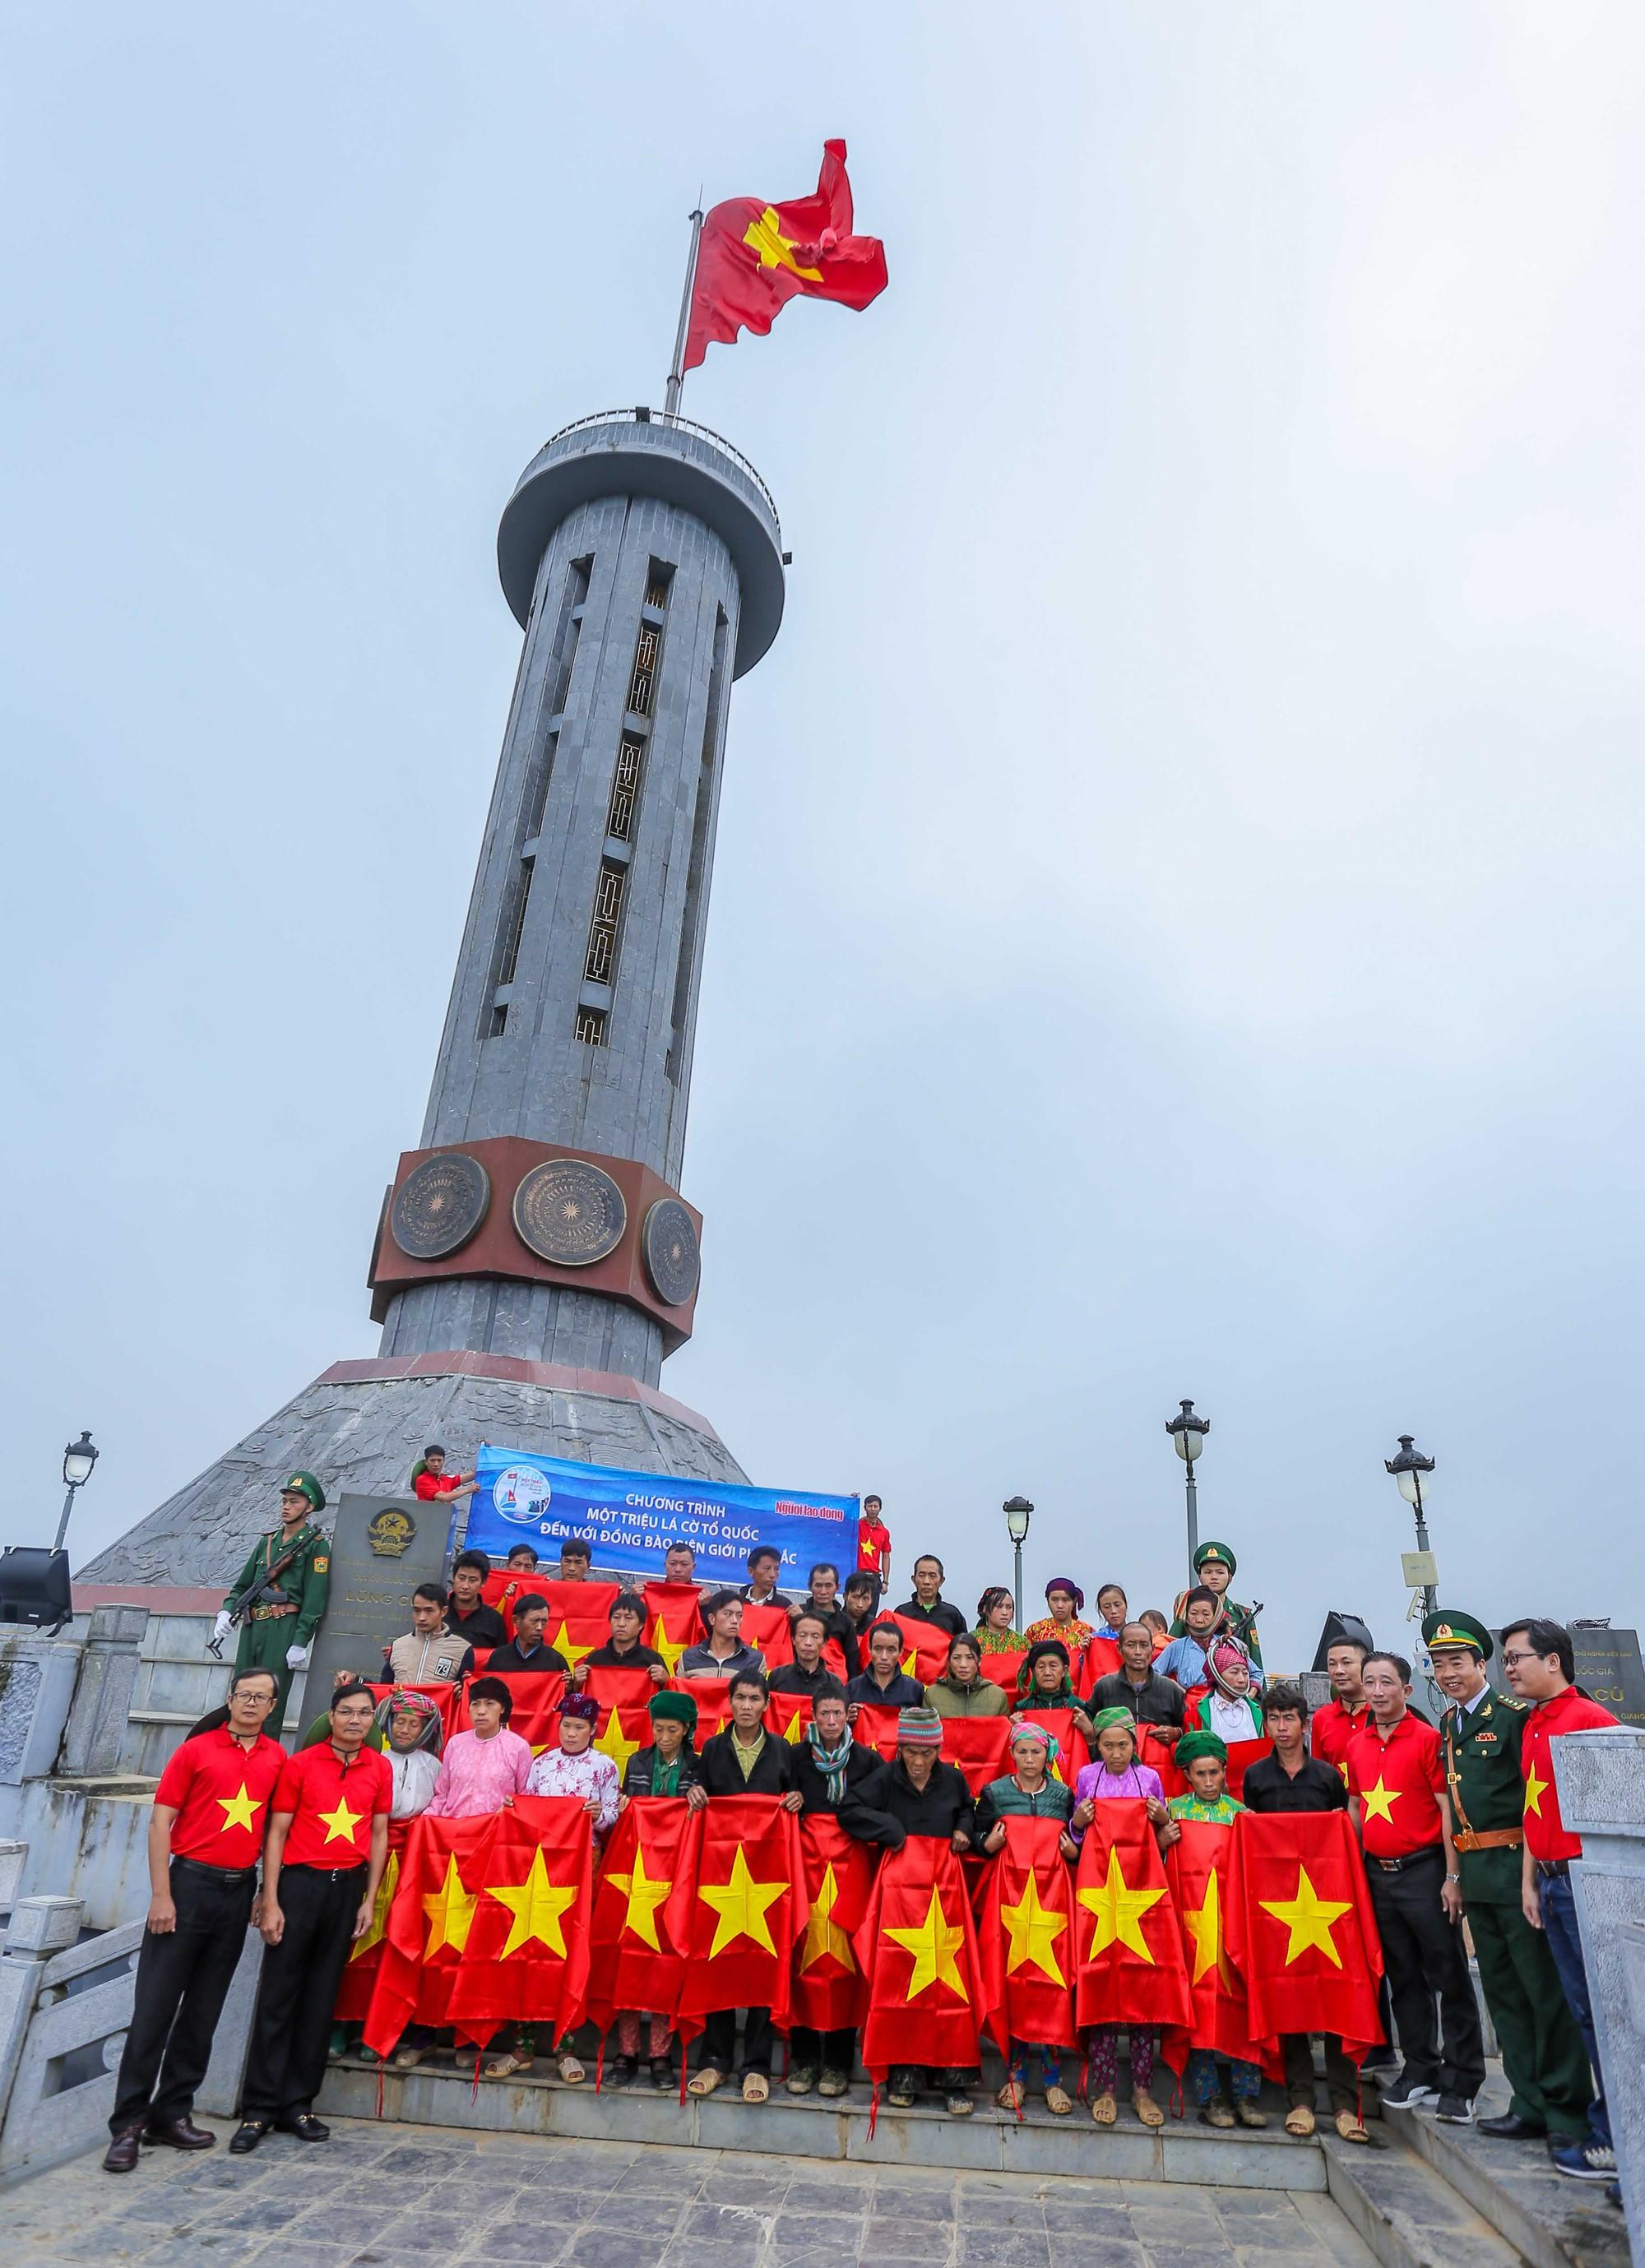 Báo Người Lao Động tổ chức Lễ Chào cờ tại Cột cờ Quốc gia Lũng Cú - Báo  Người lao động